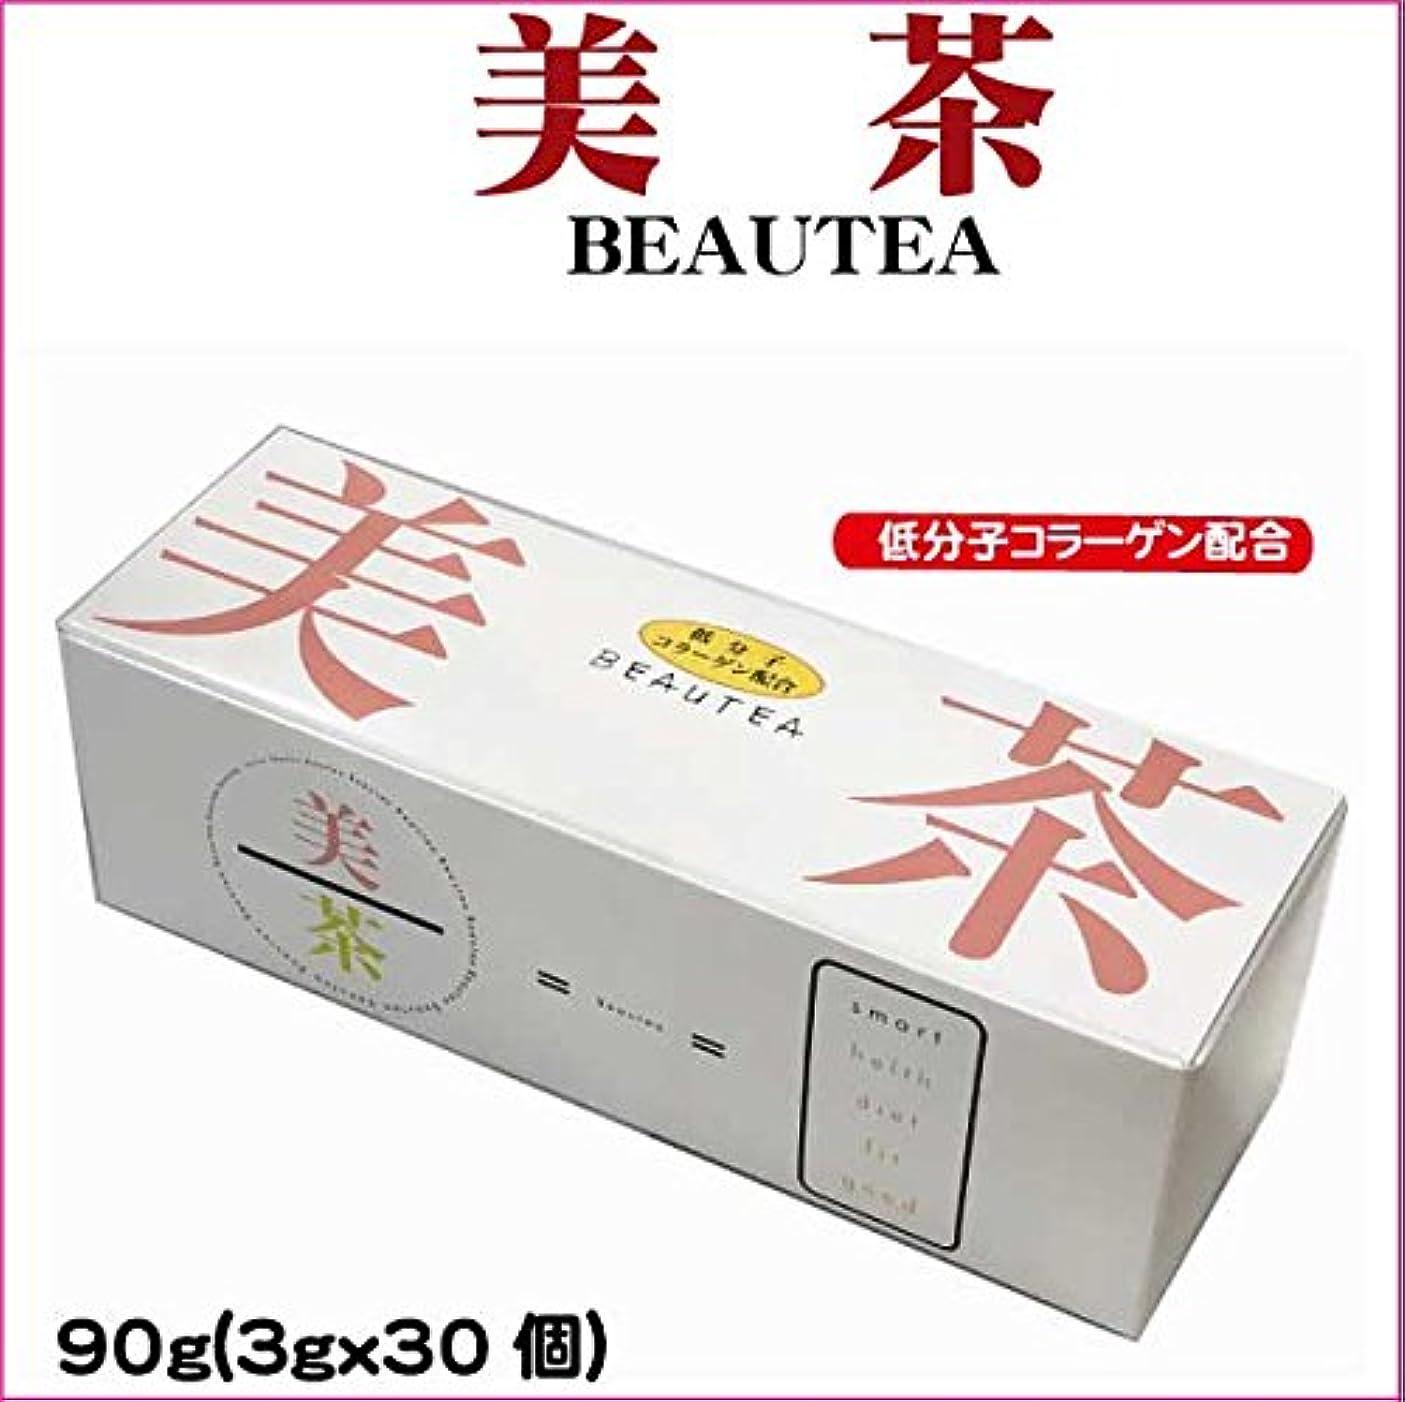 それにもかかわらず花火水族館ダイエット茶  美茶(beautea)  ほうじ茶ベース?3gX30包み 1箱